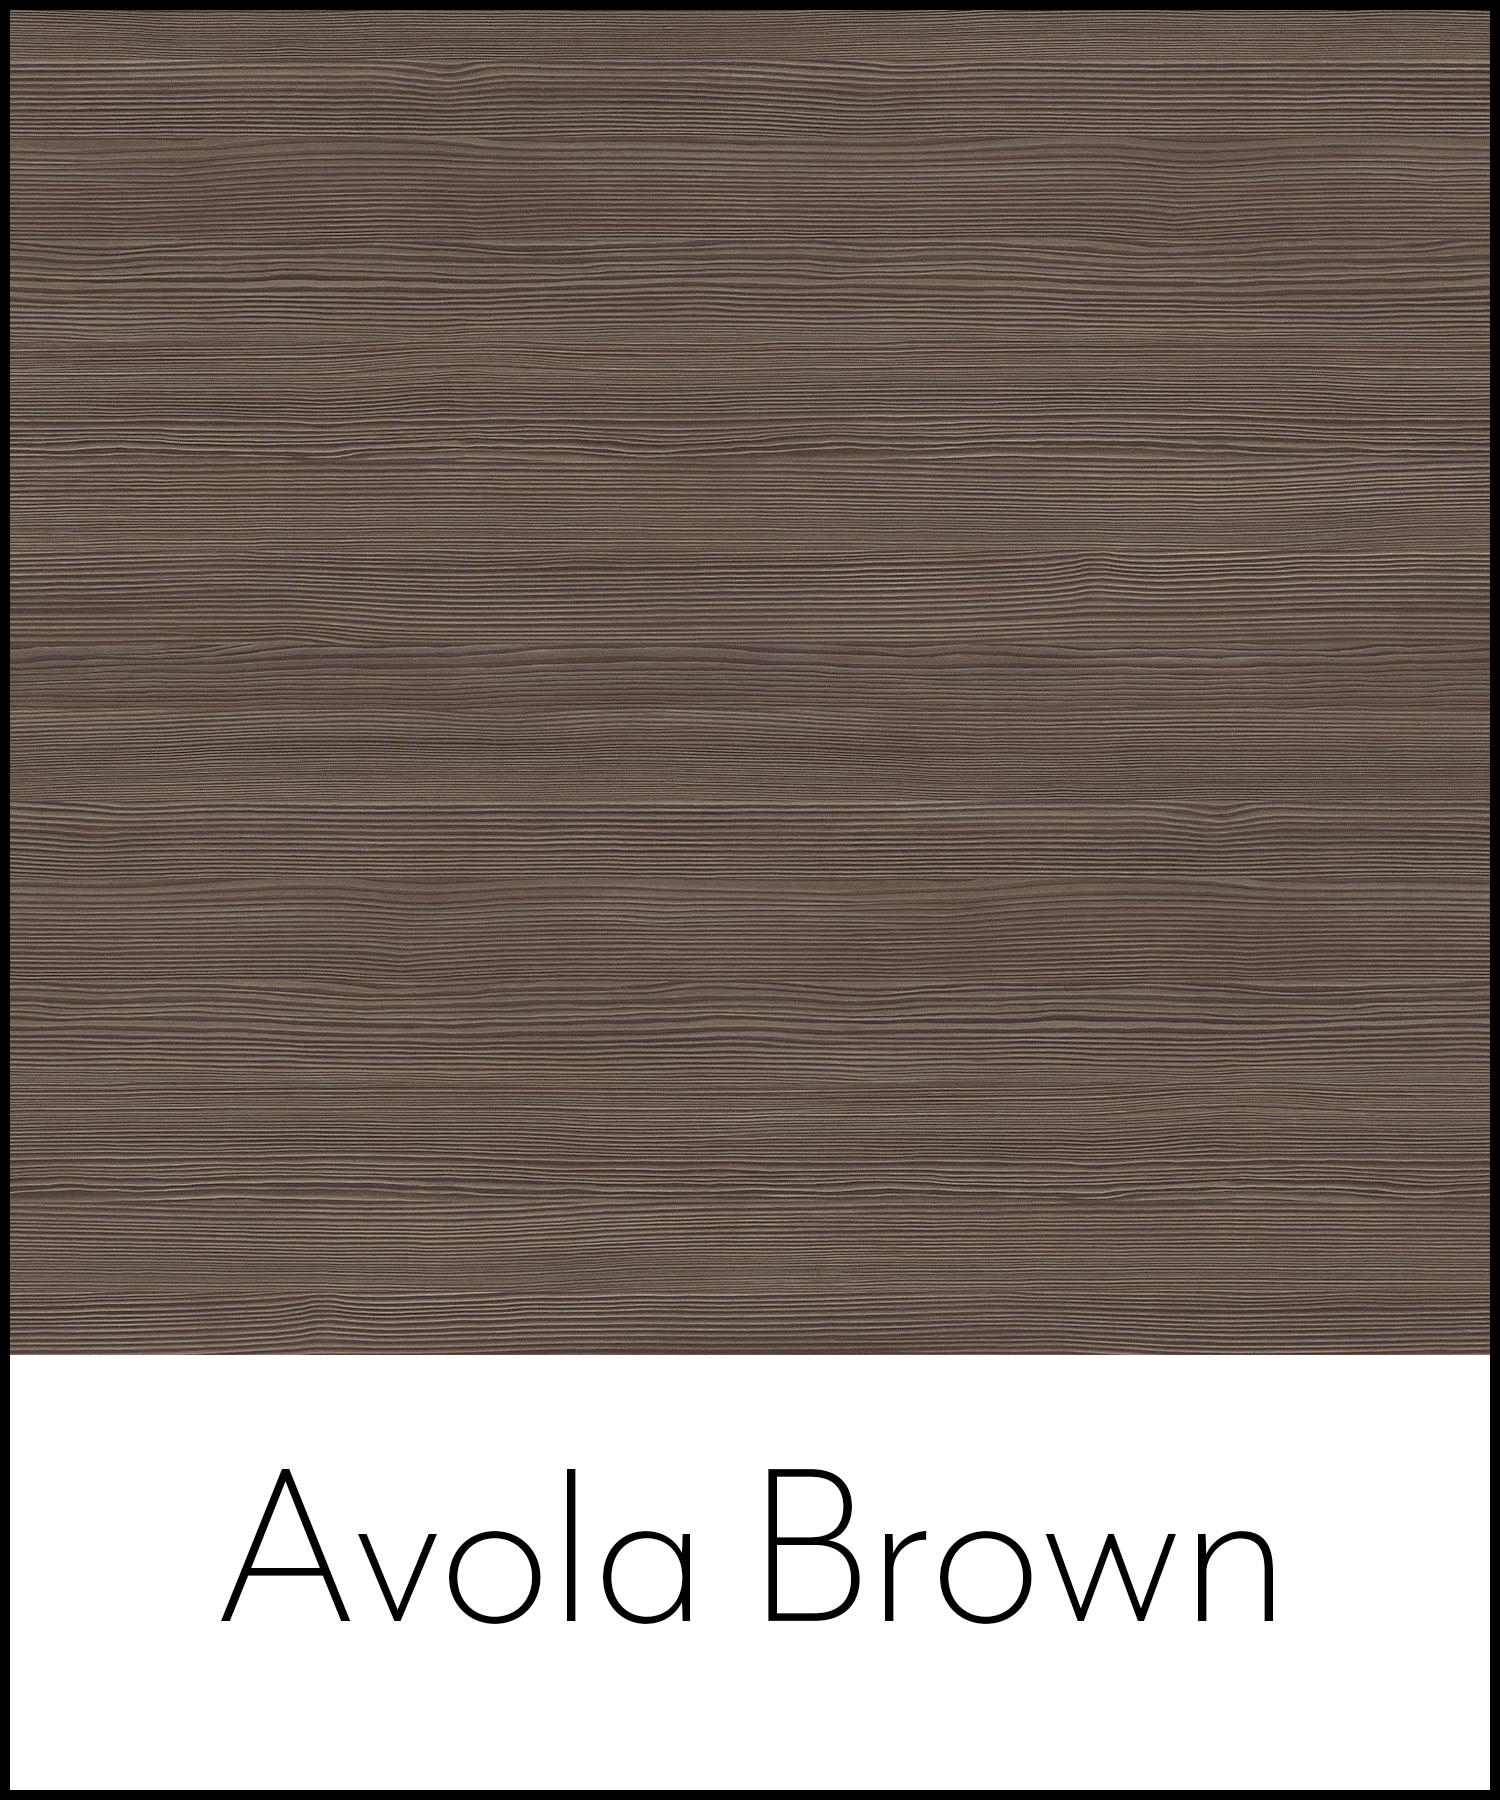 Avola Brown.jpg